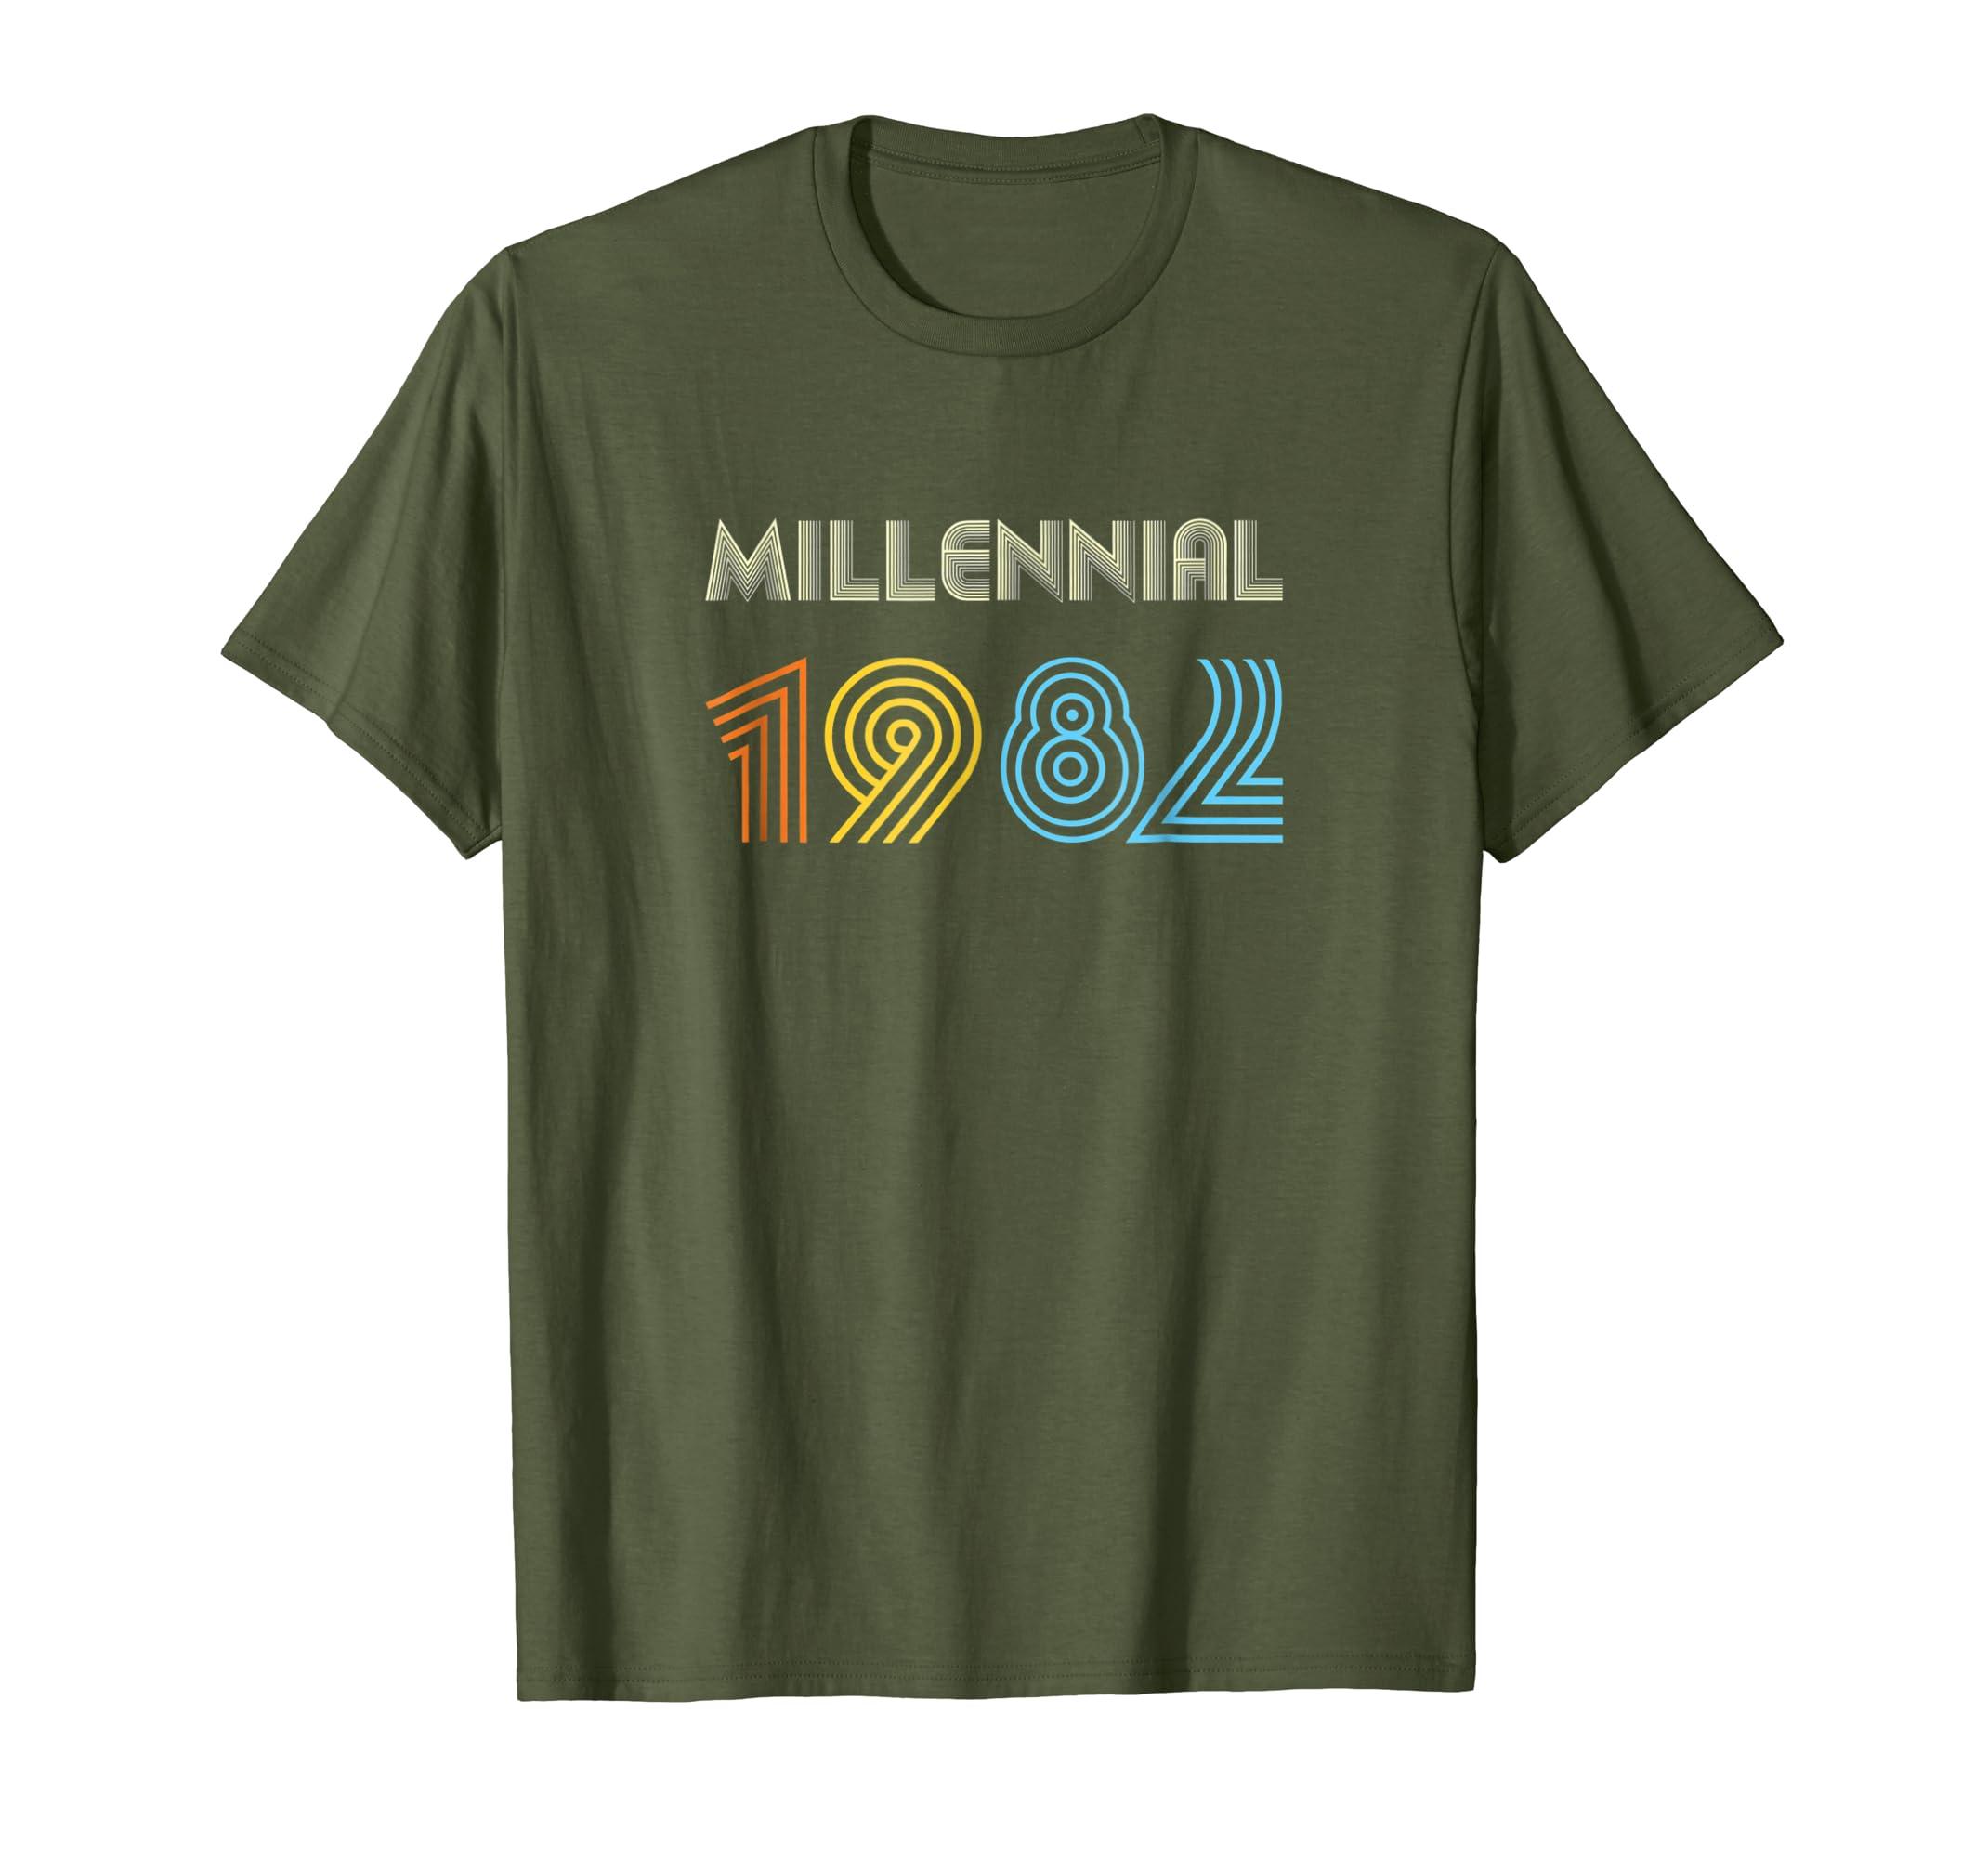 Xeire Millennial Born in 1982 Birthday Gift Shirt-SFL